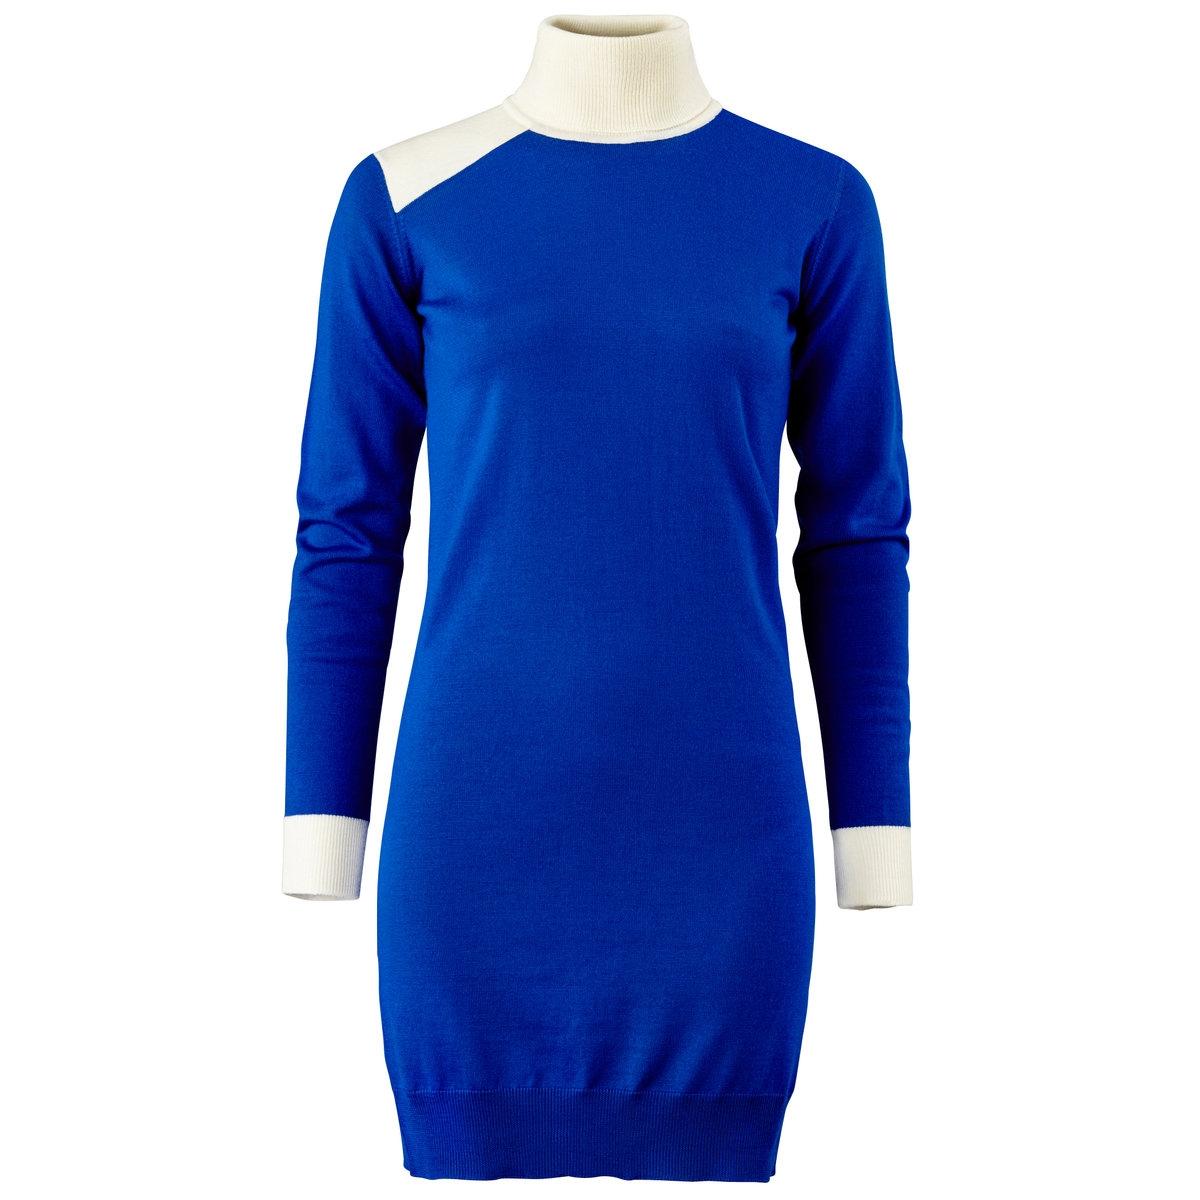 Платье длинное, 100% шерстиДлинное трикотажное платье. 100% шерсти. Высокий воротник. Длинные рукава. Длина: 90 см.<br><br>Цвет: синий + экрю<br>Размер: 38/40 (FR) - 44/46 (RUS)